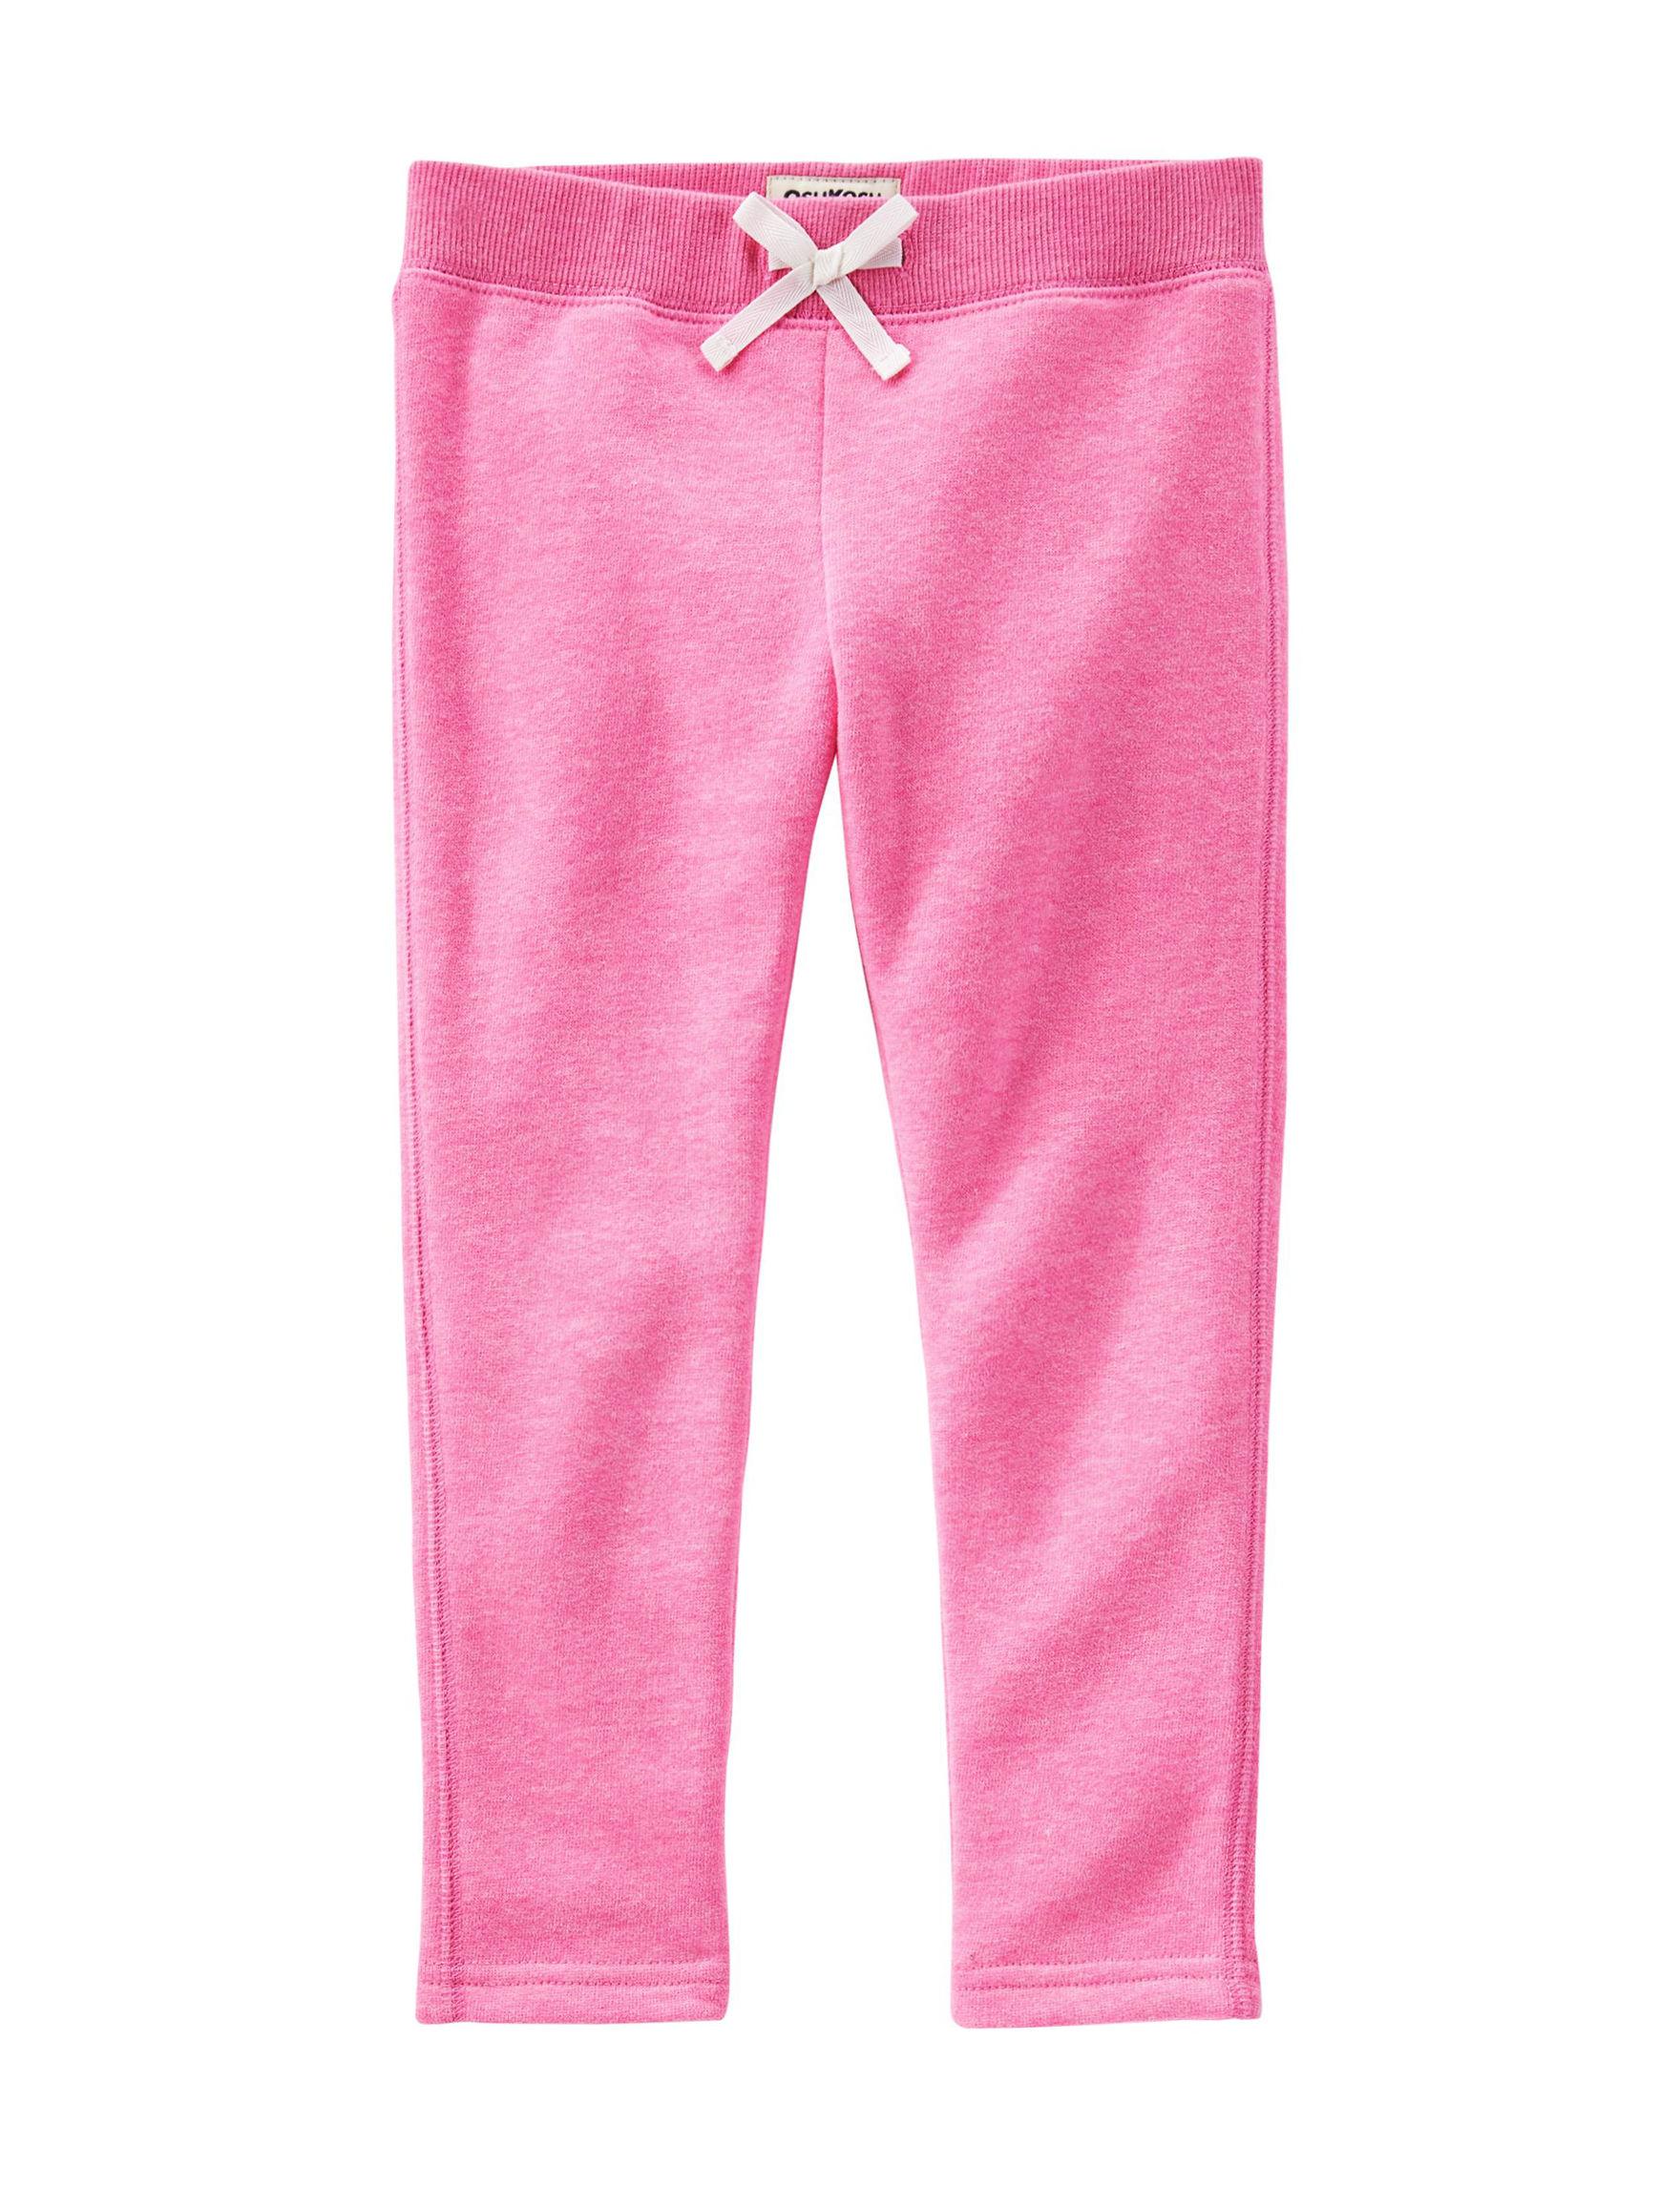 Oshkosh B'Gosh Pink Stretch